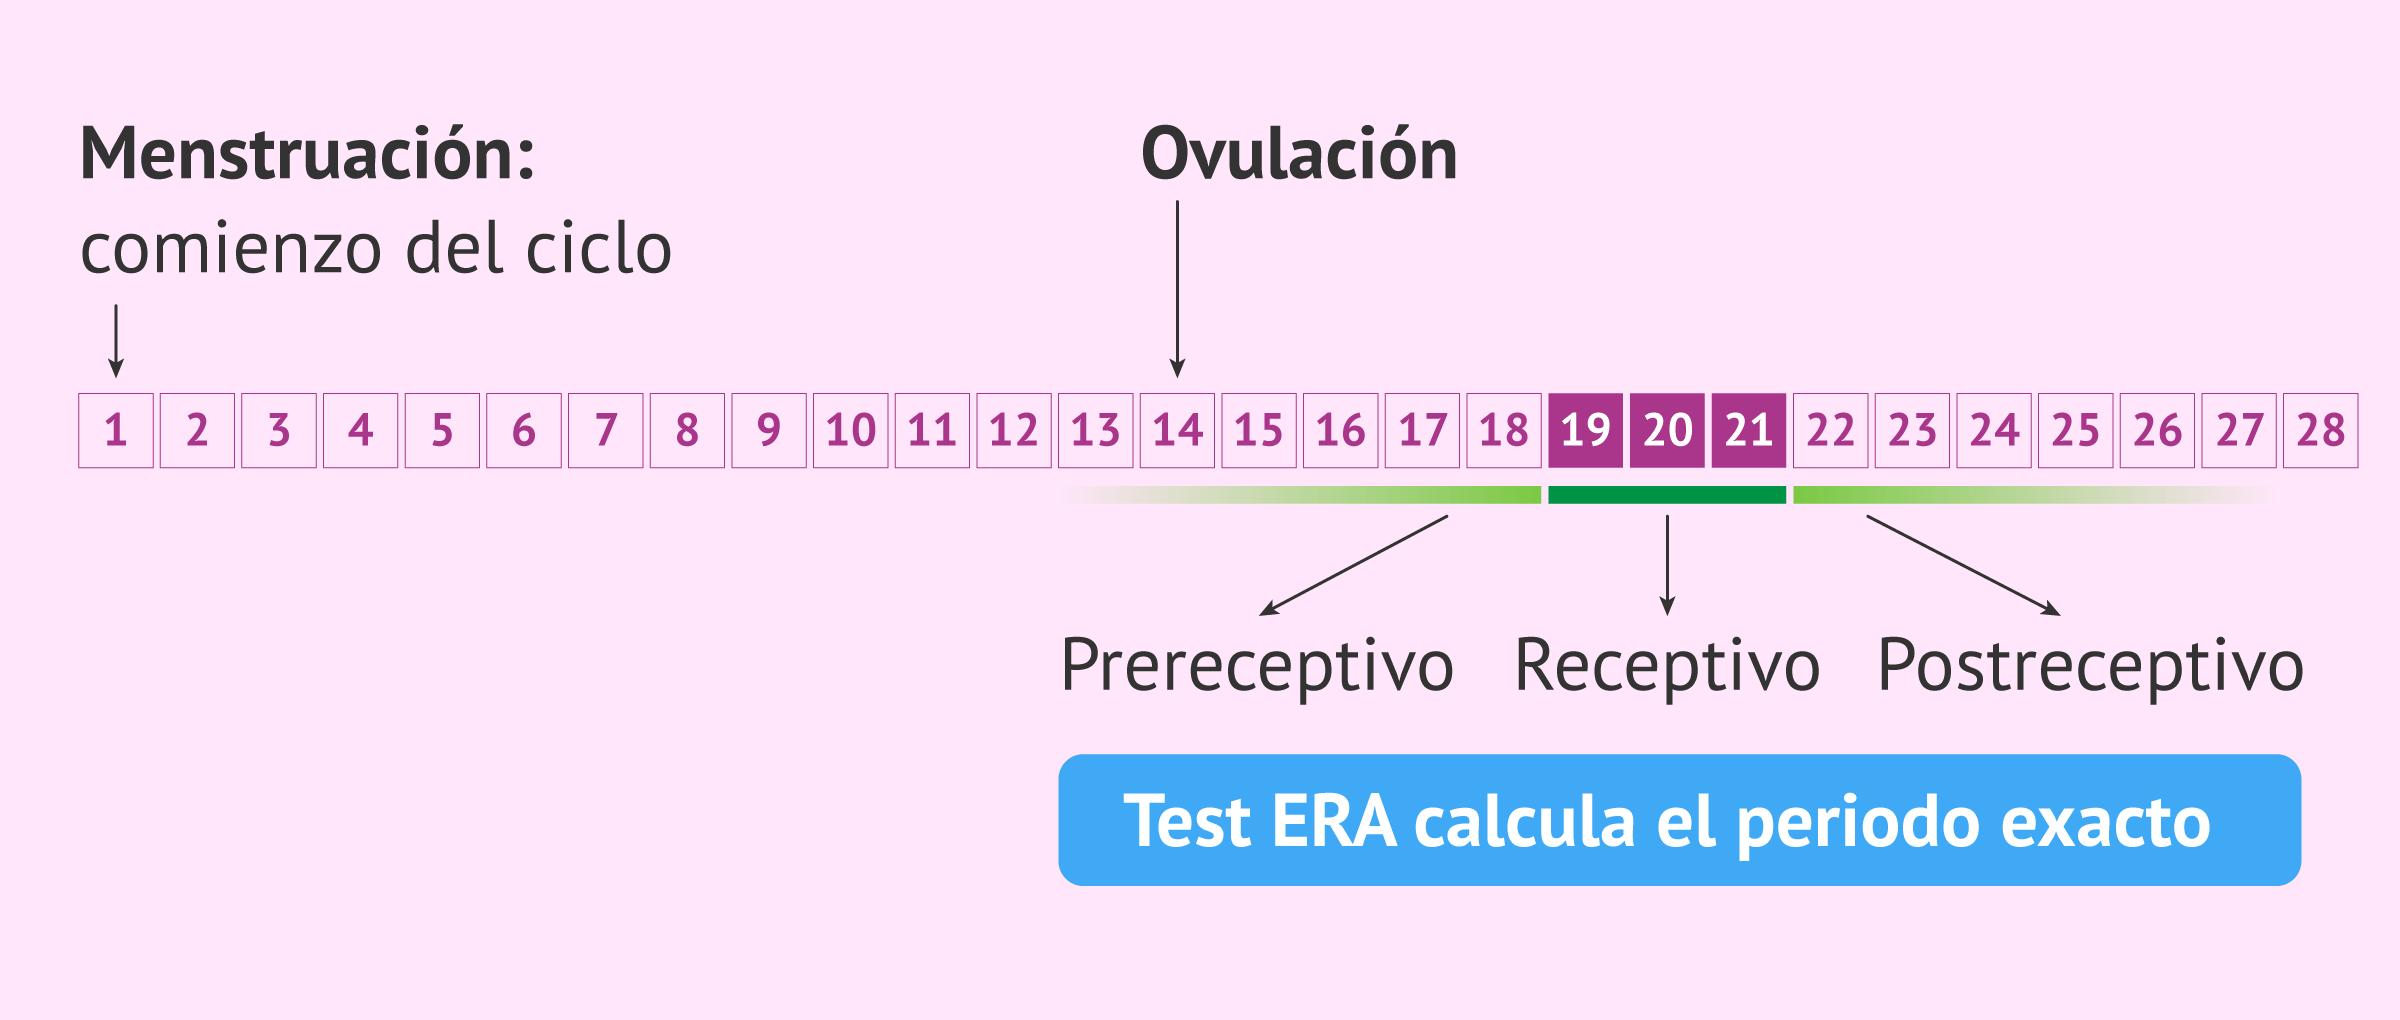 Objetivo del test ERA